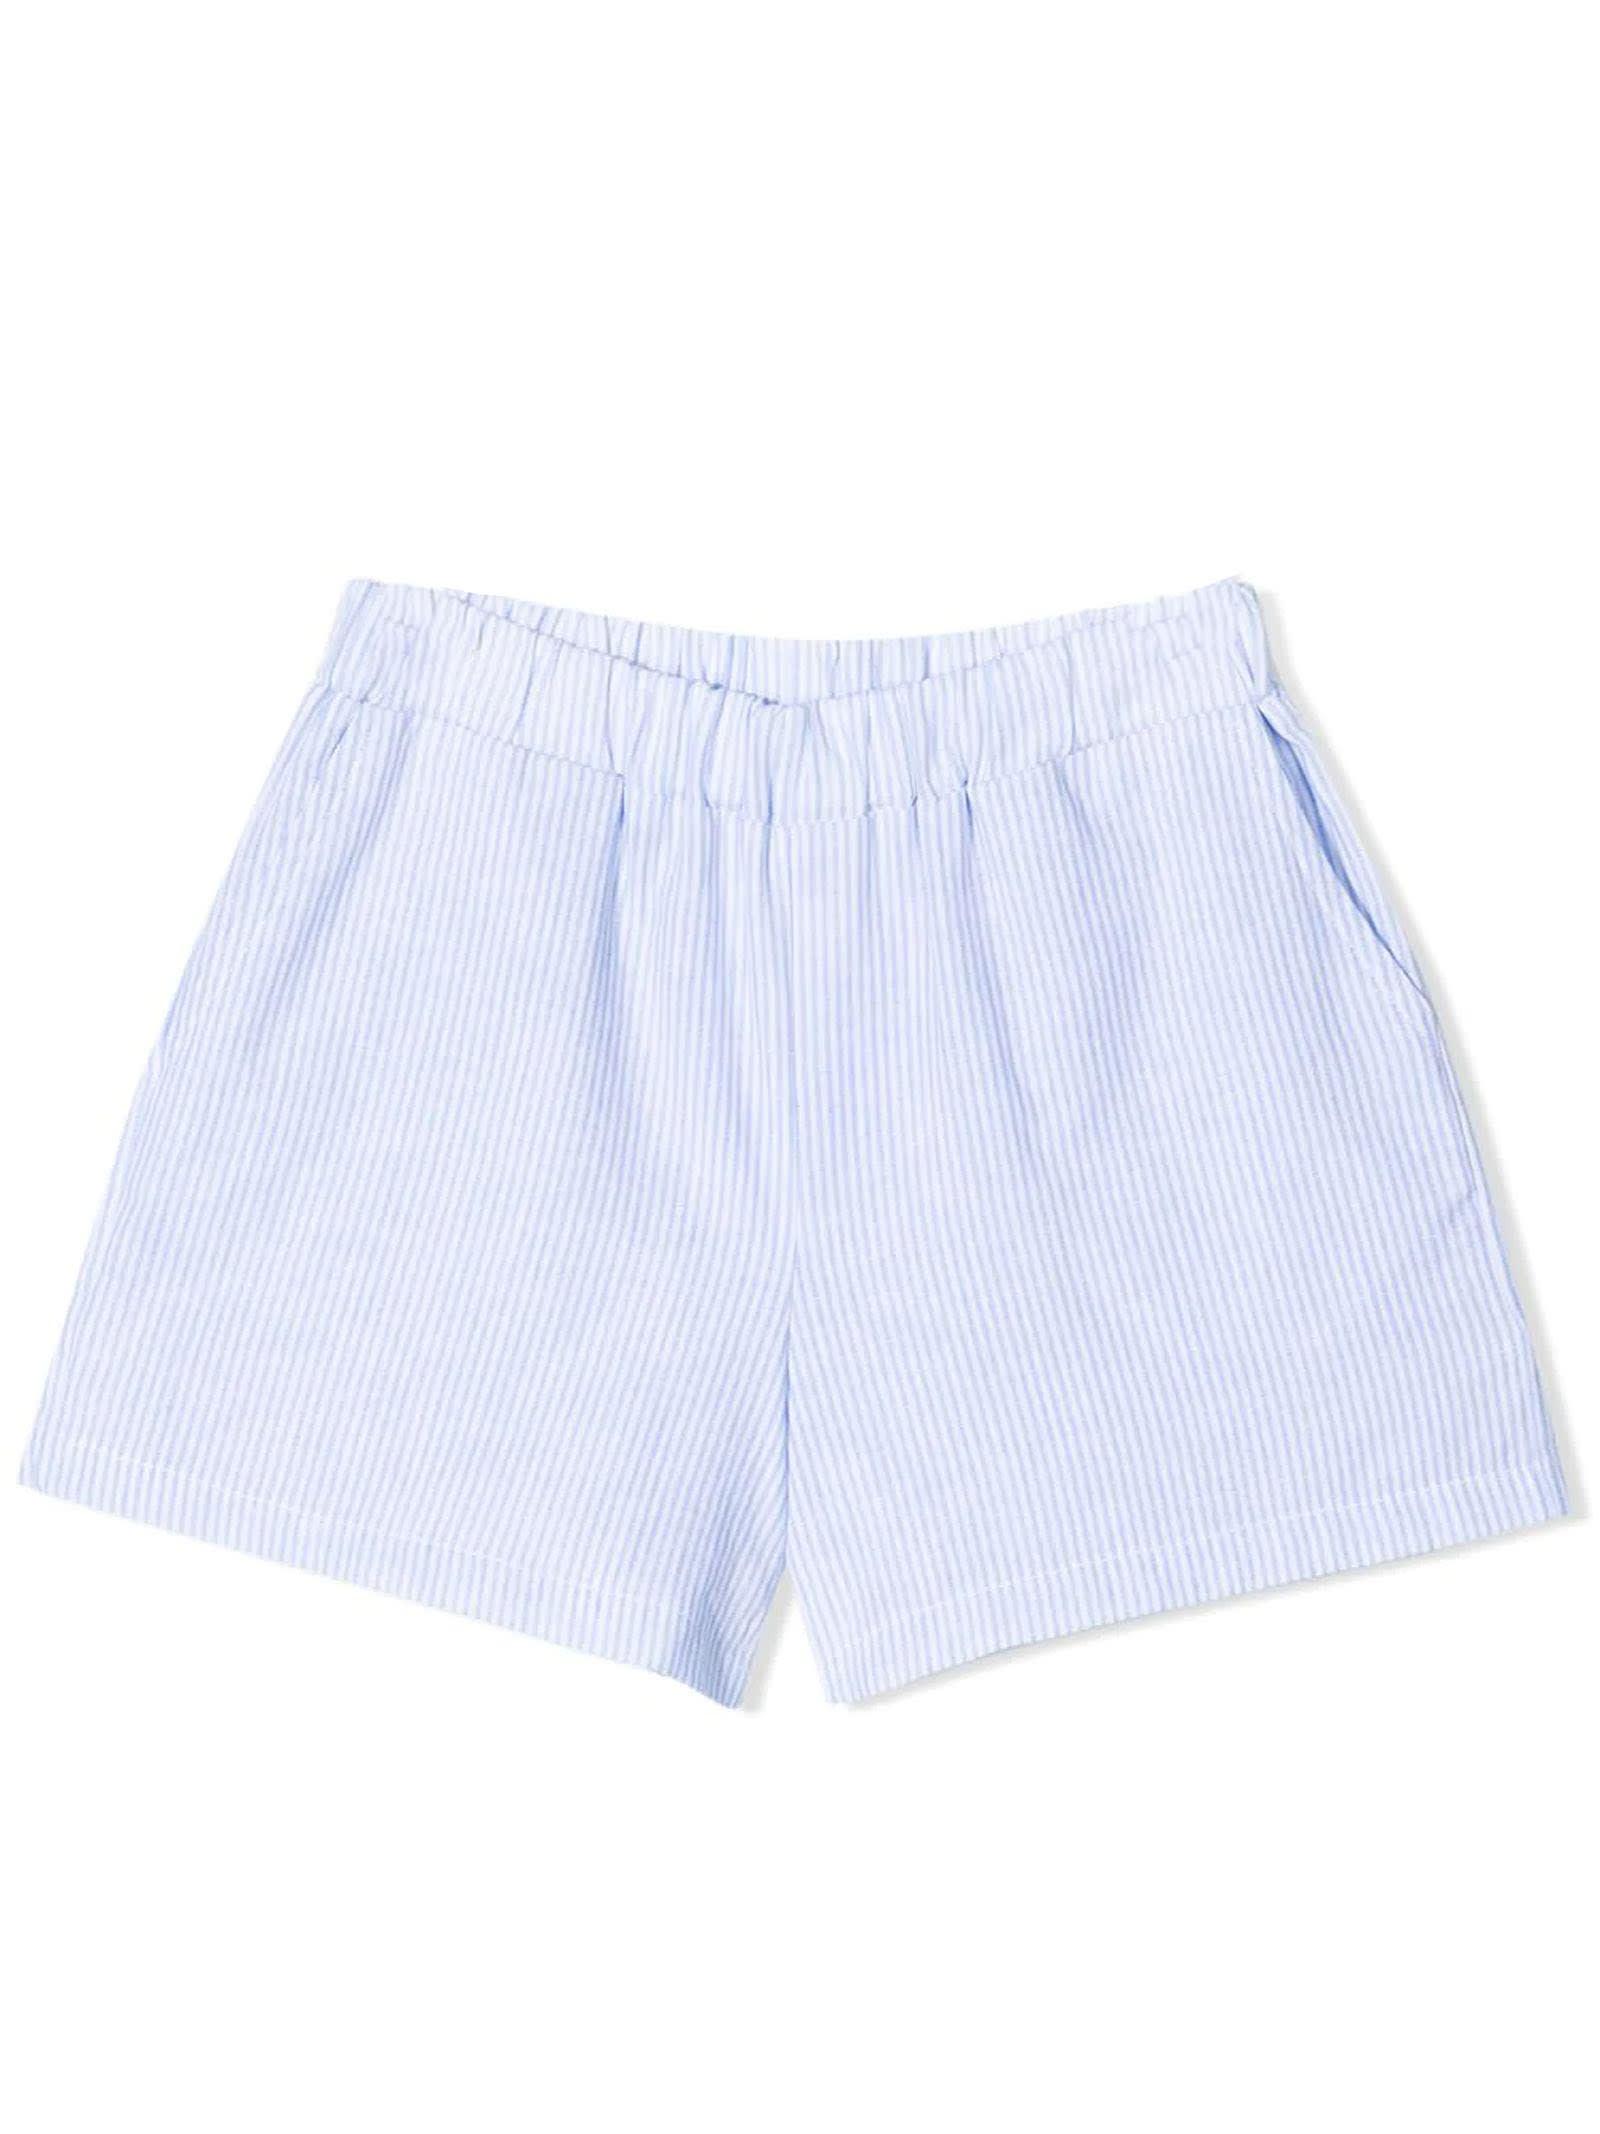 Sky Blue Cotton-blend Shorts